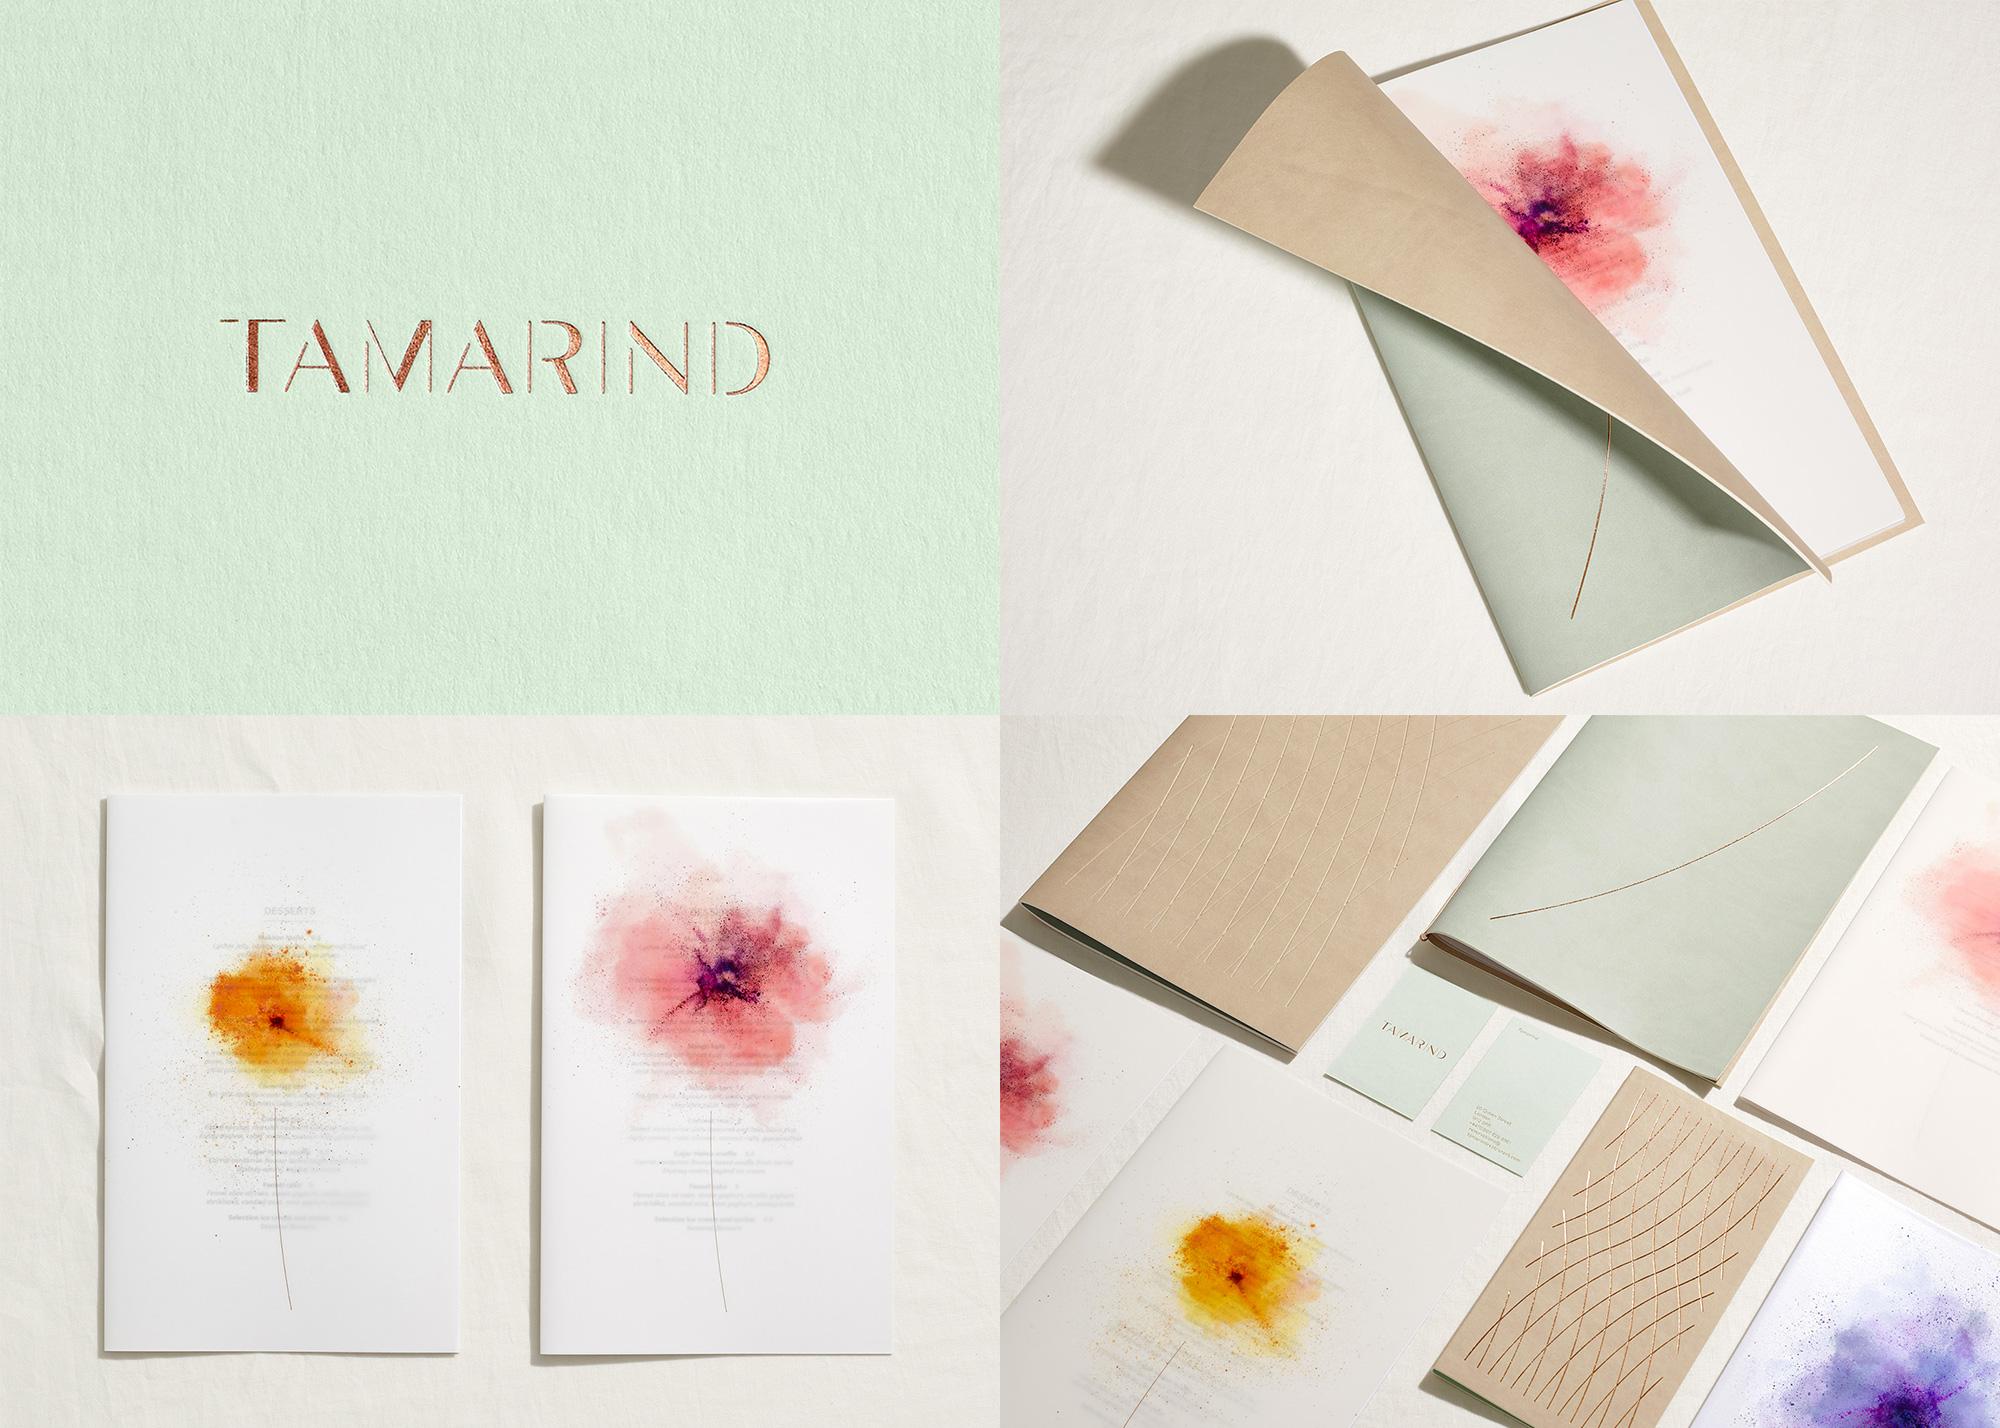 Tamarind by Dutchscot